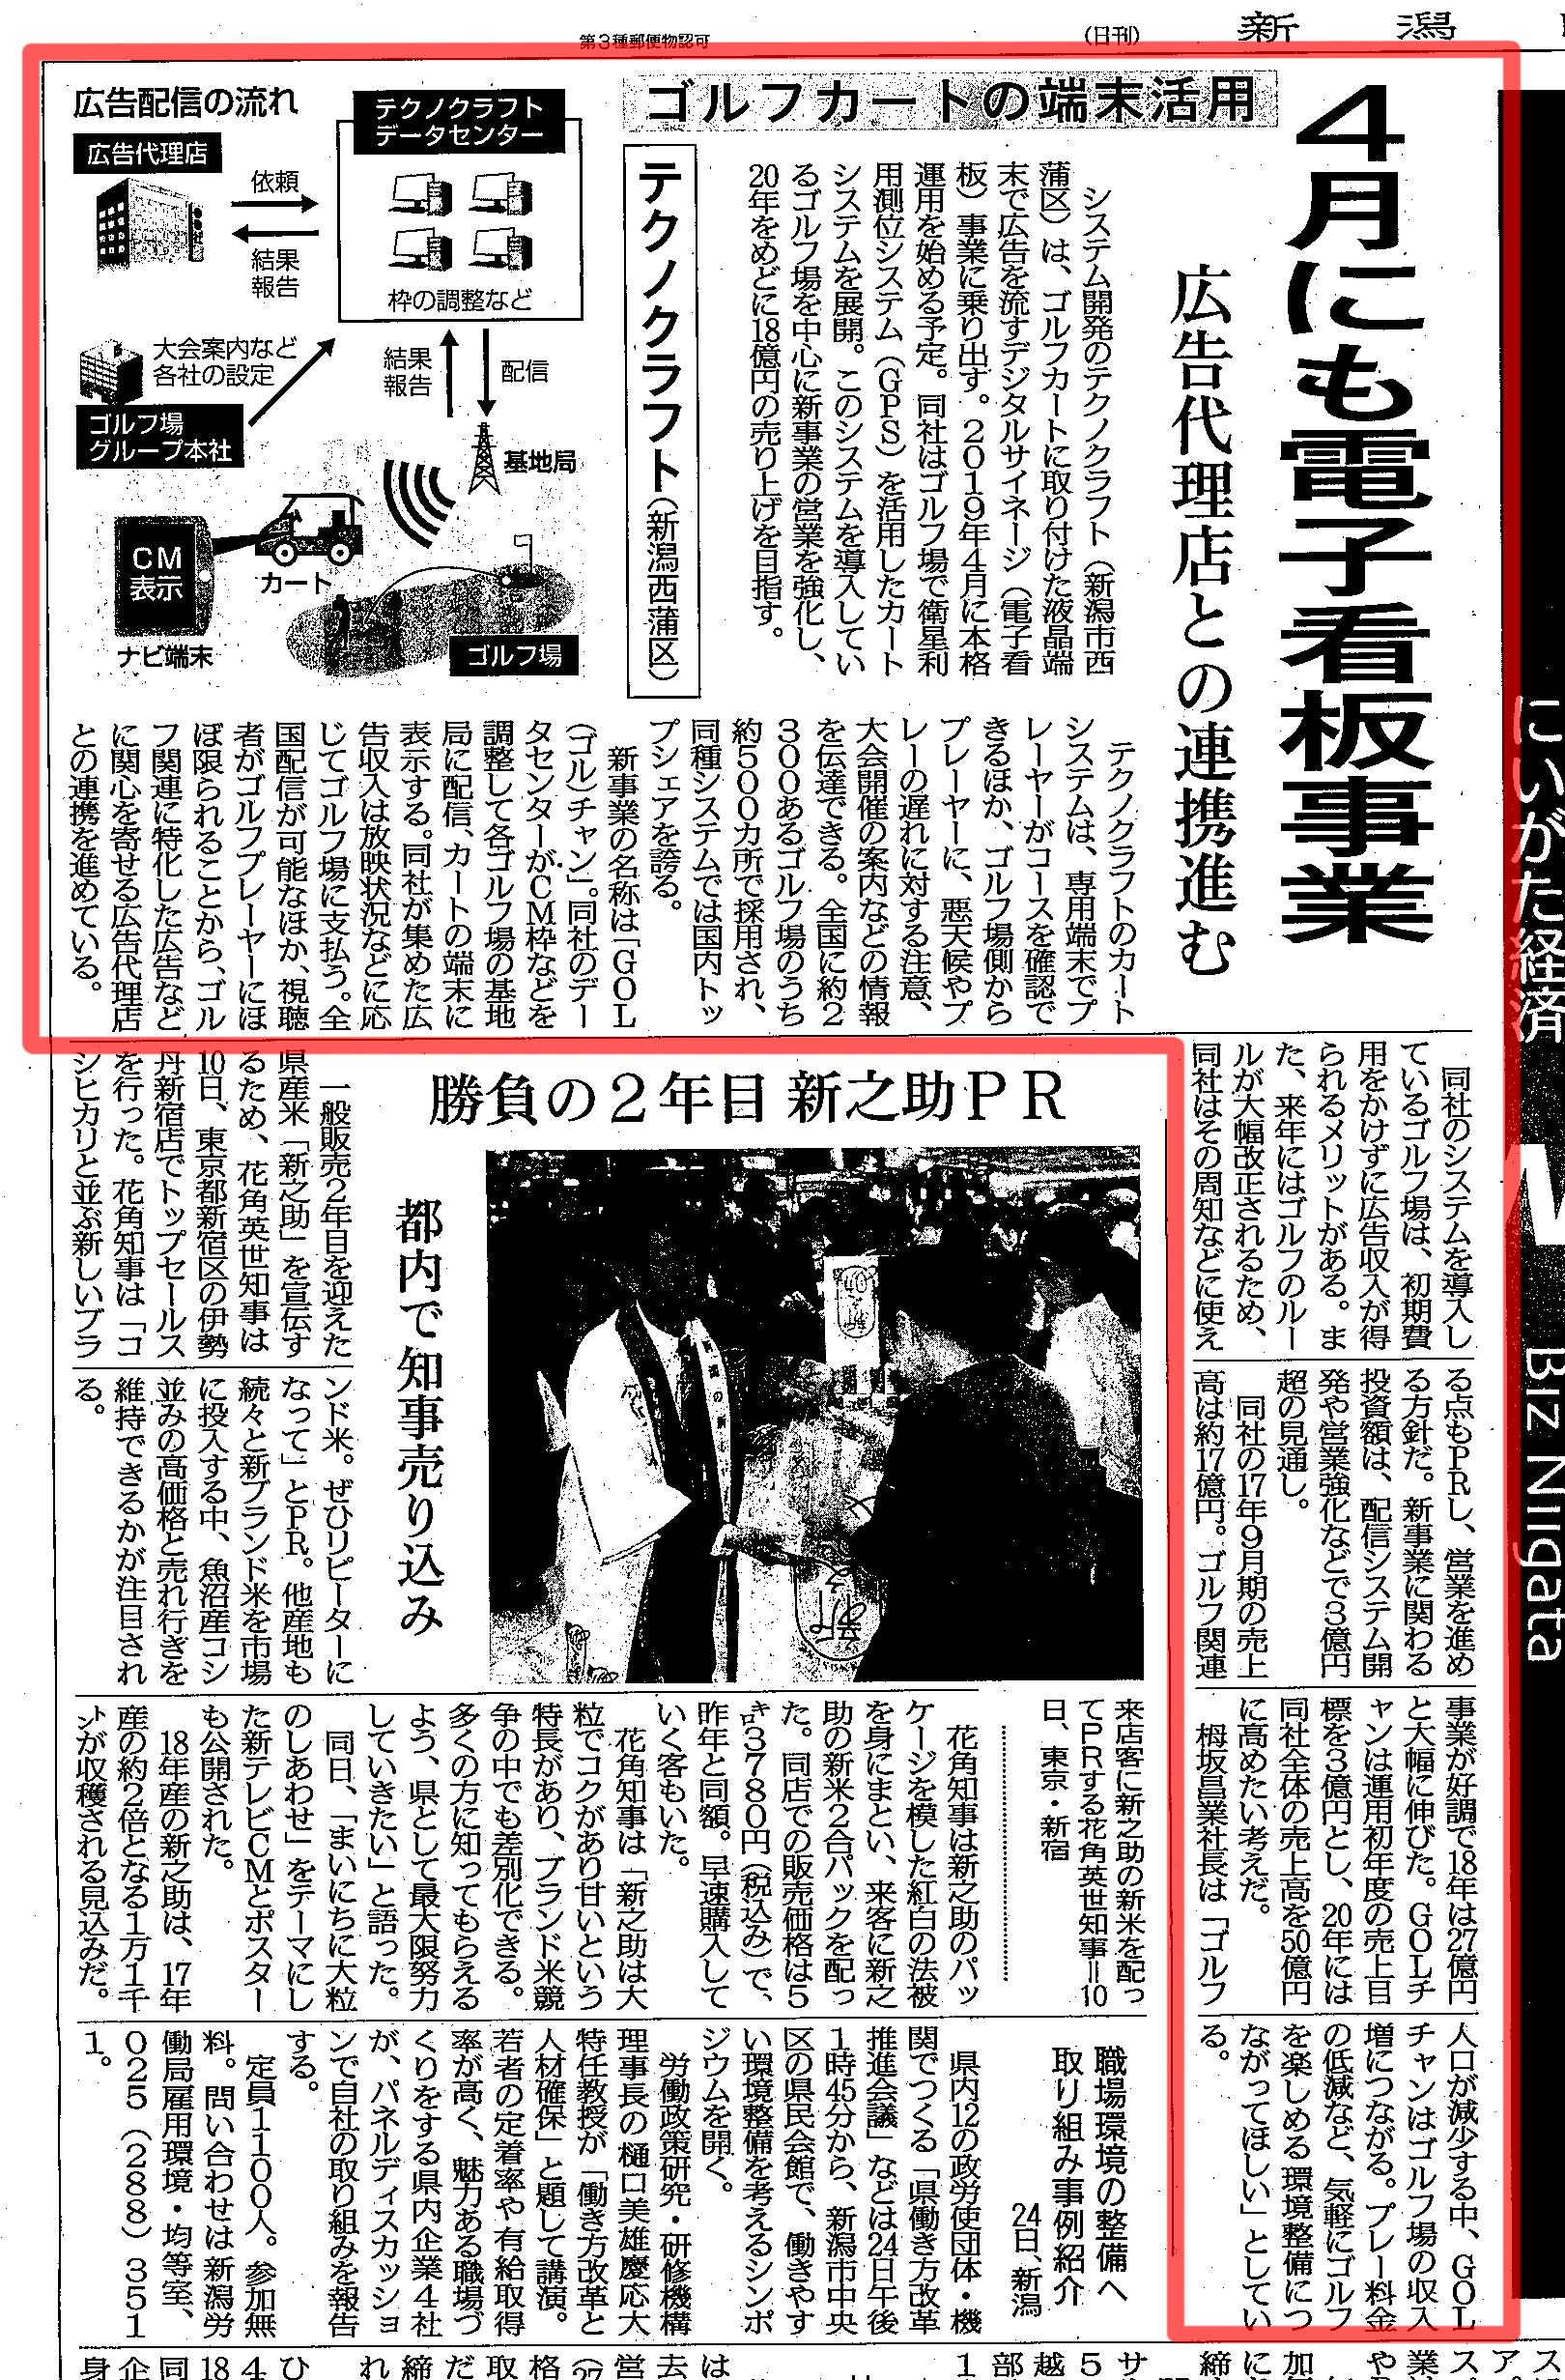 ゴルチャン_日報記事20181011